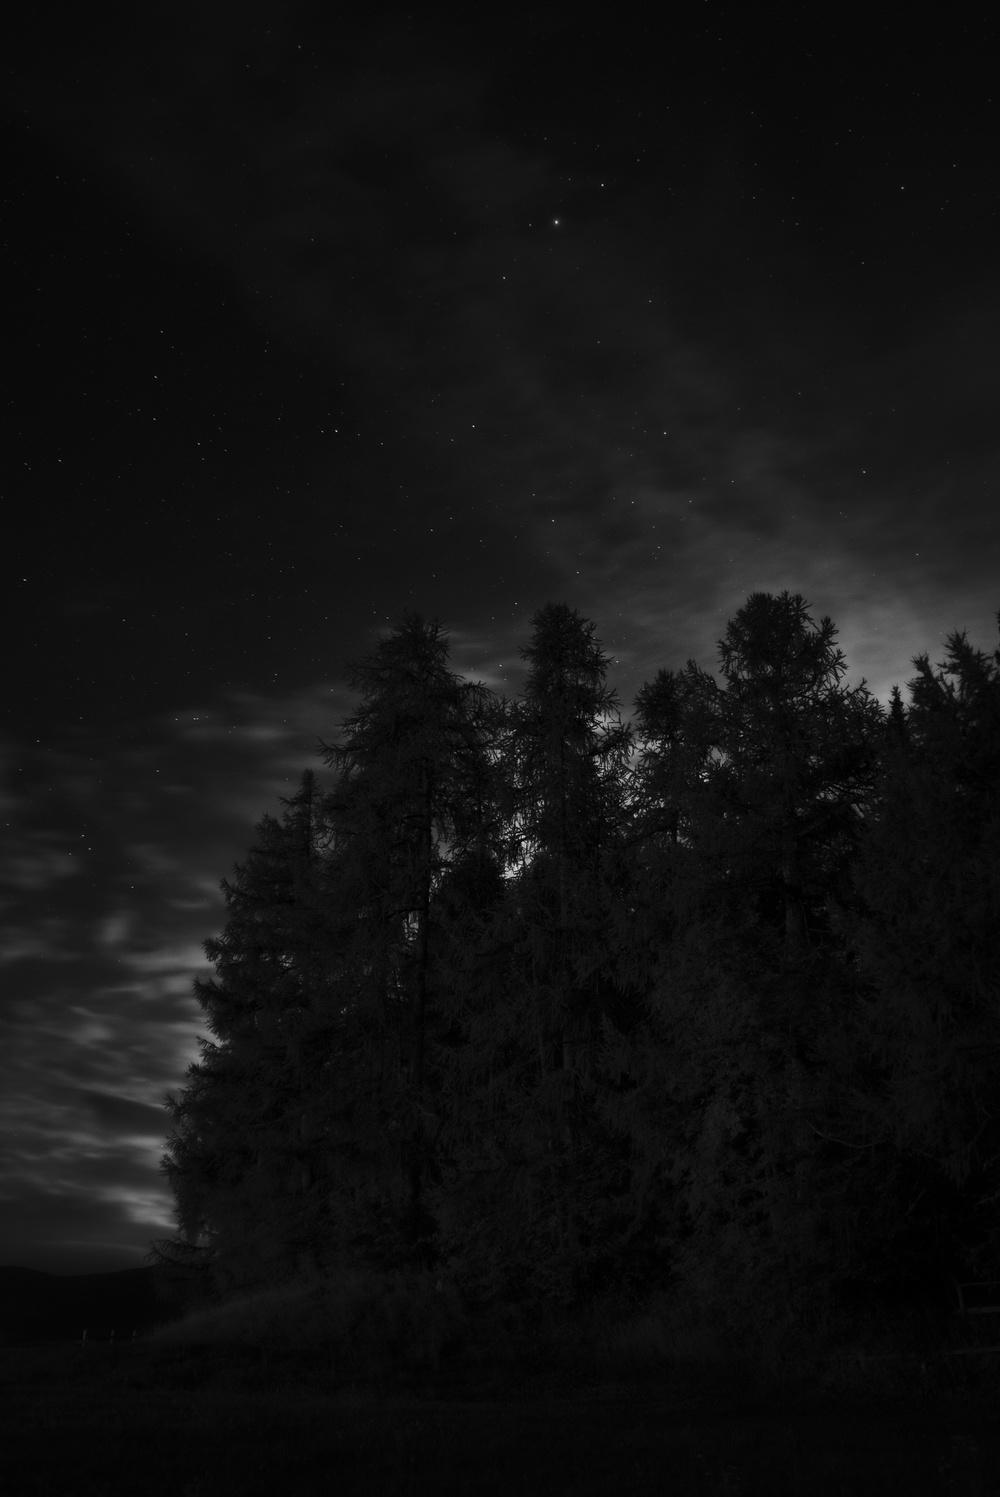 DSC00118-1_Snapseed.jpg